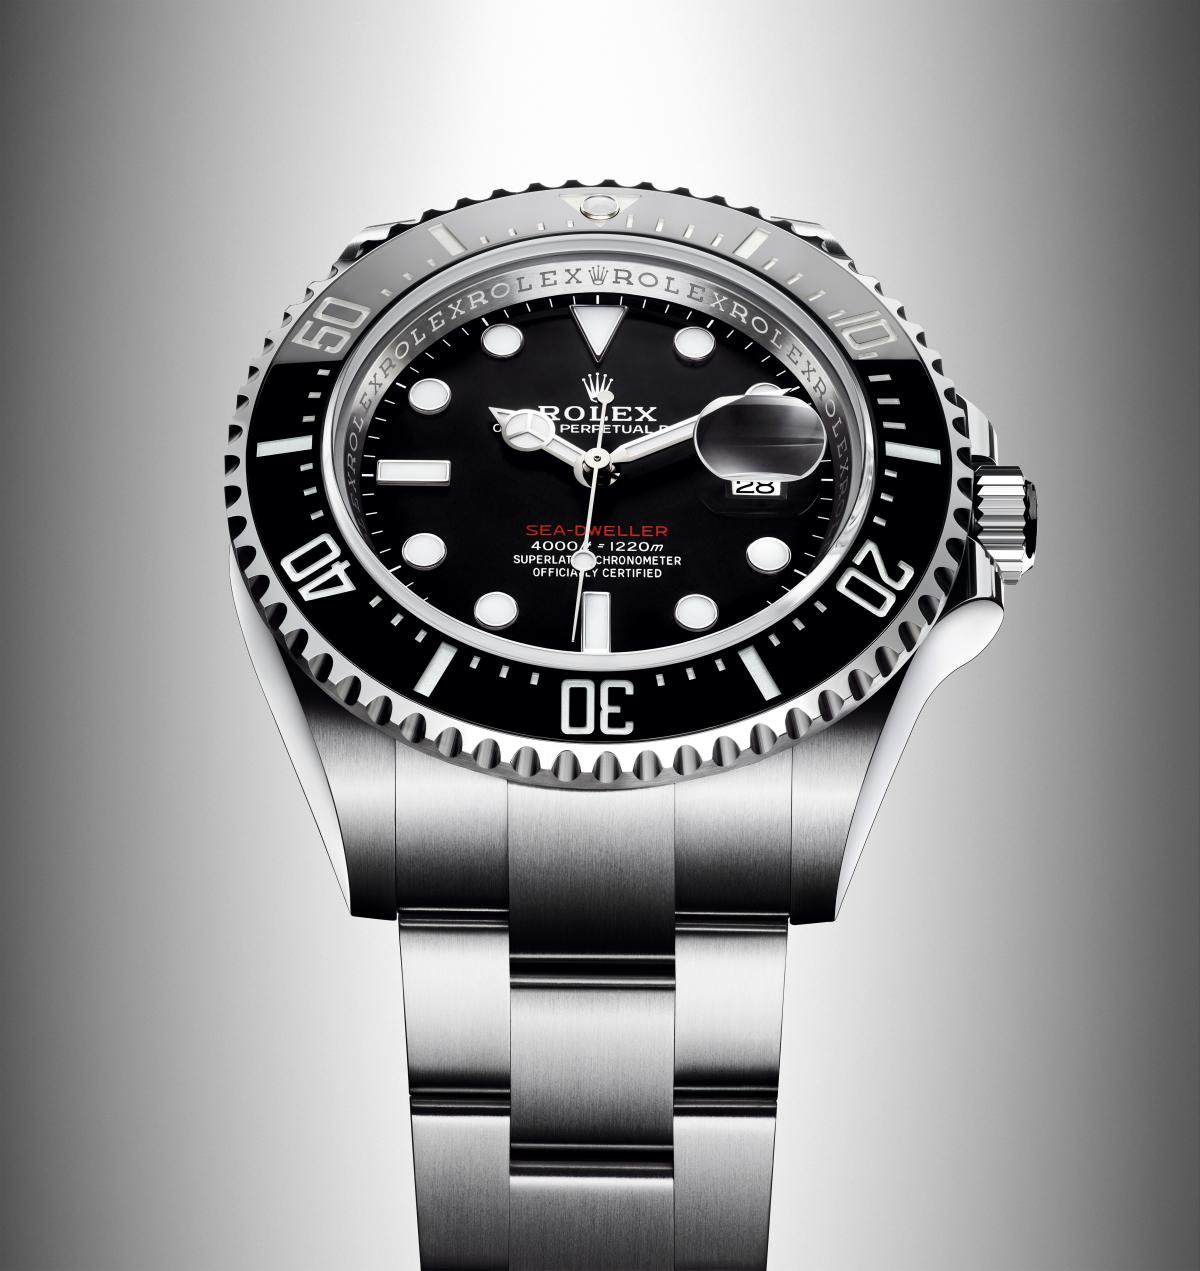 傳承蠔式經典 勞力士推出運動錶款新作 - 時尚焦點 - GolfDigest高爾夫文摘